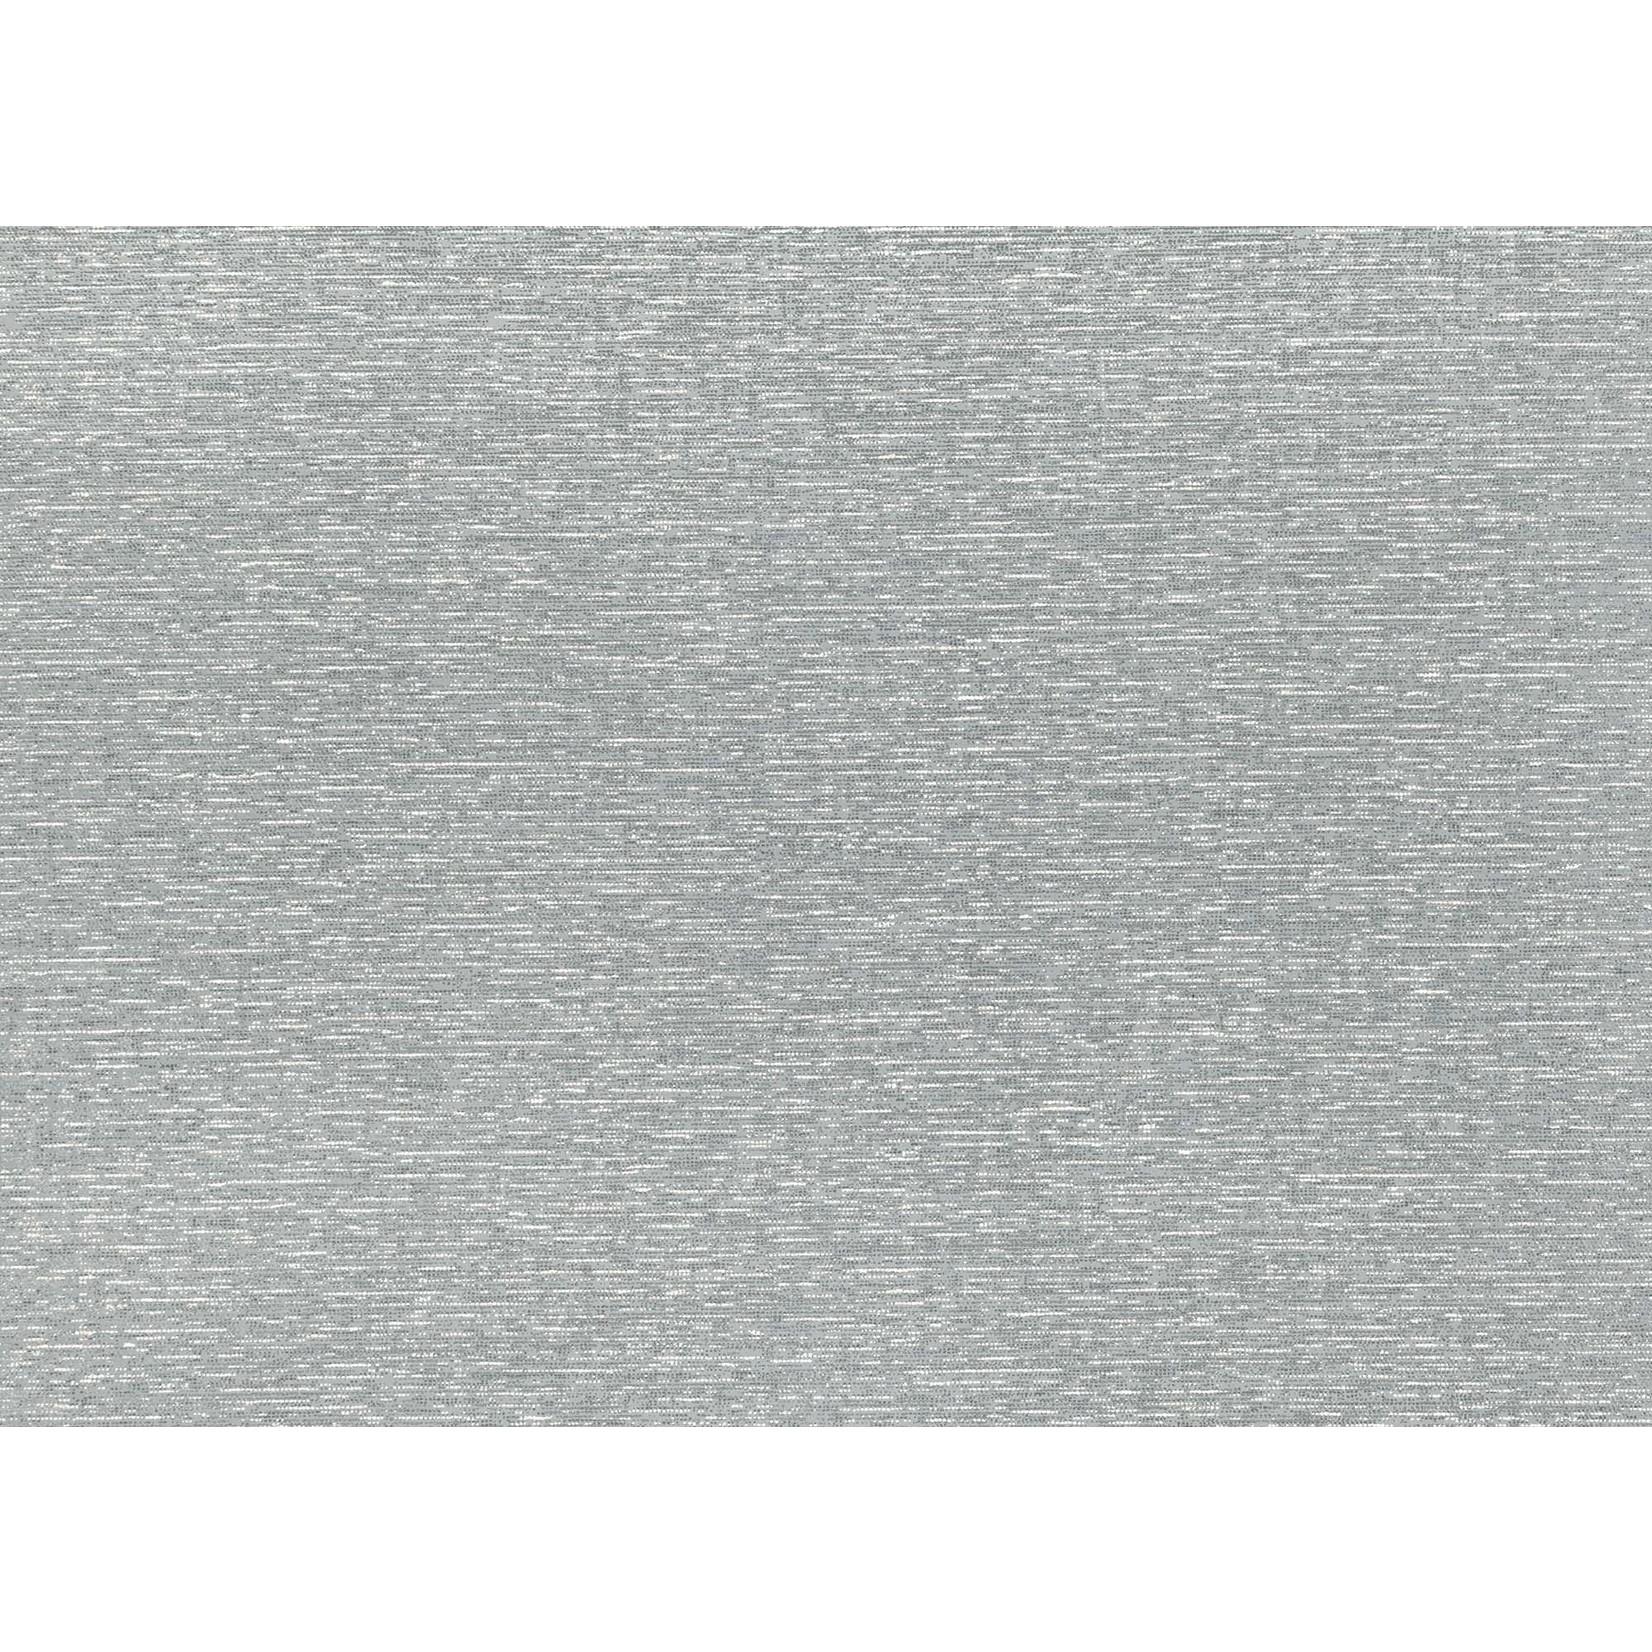 Romo Etsu Wallcoverings | Elkin Tweed